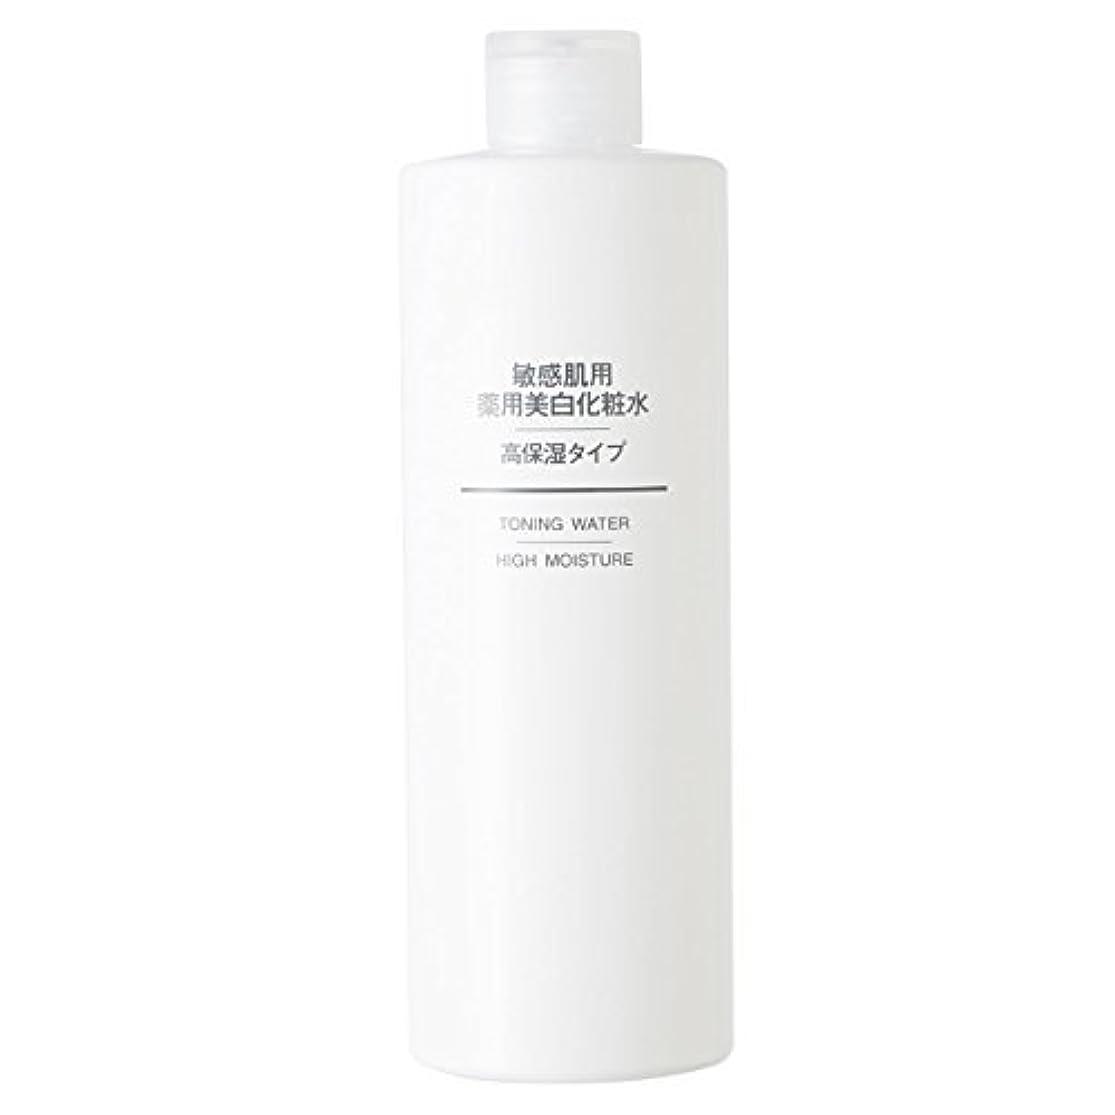 ピア丁寧スティーブンソン無印良品 敏感肌用薬用美白化粧水?高保湿タイプ(大容量) (新)400ml